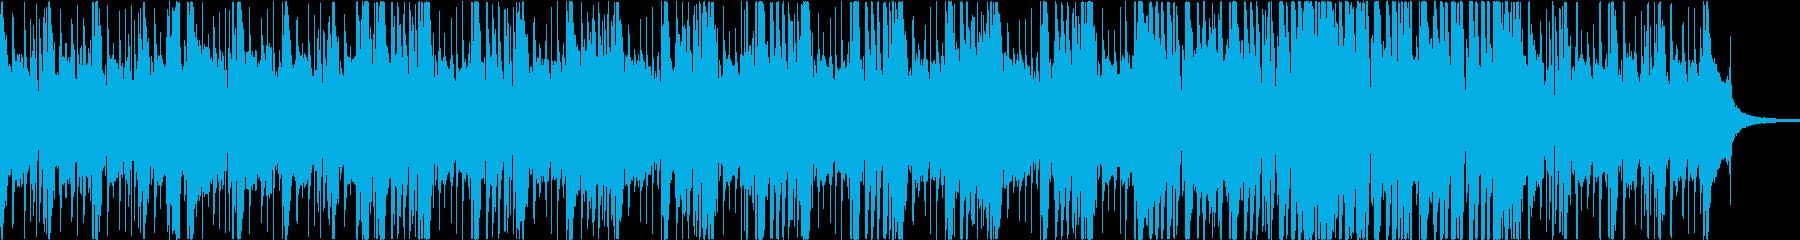 壮大 バンド 振りかぶり ゆっくり...の再生済みの波形